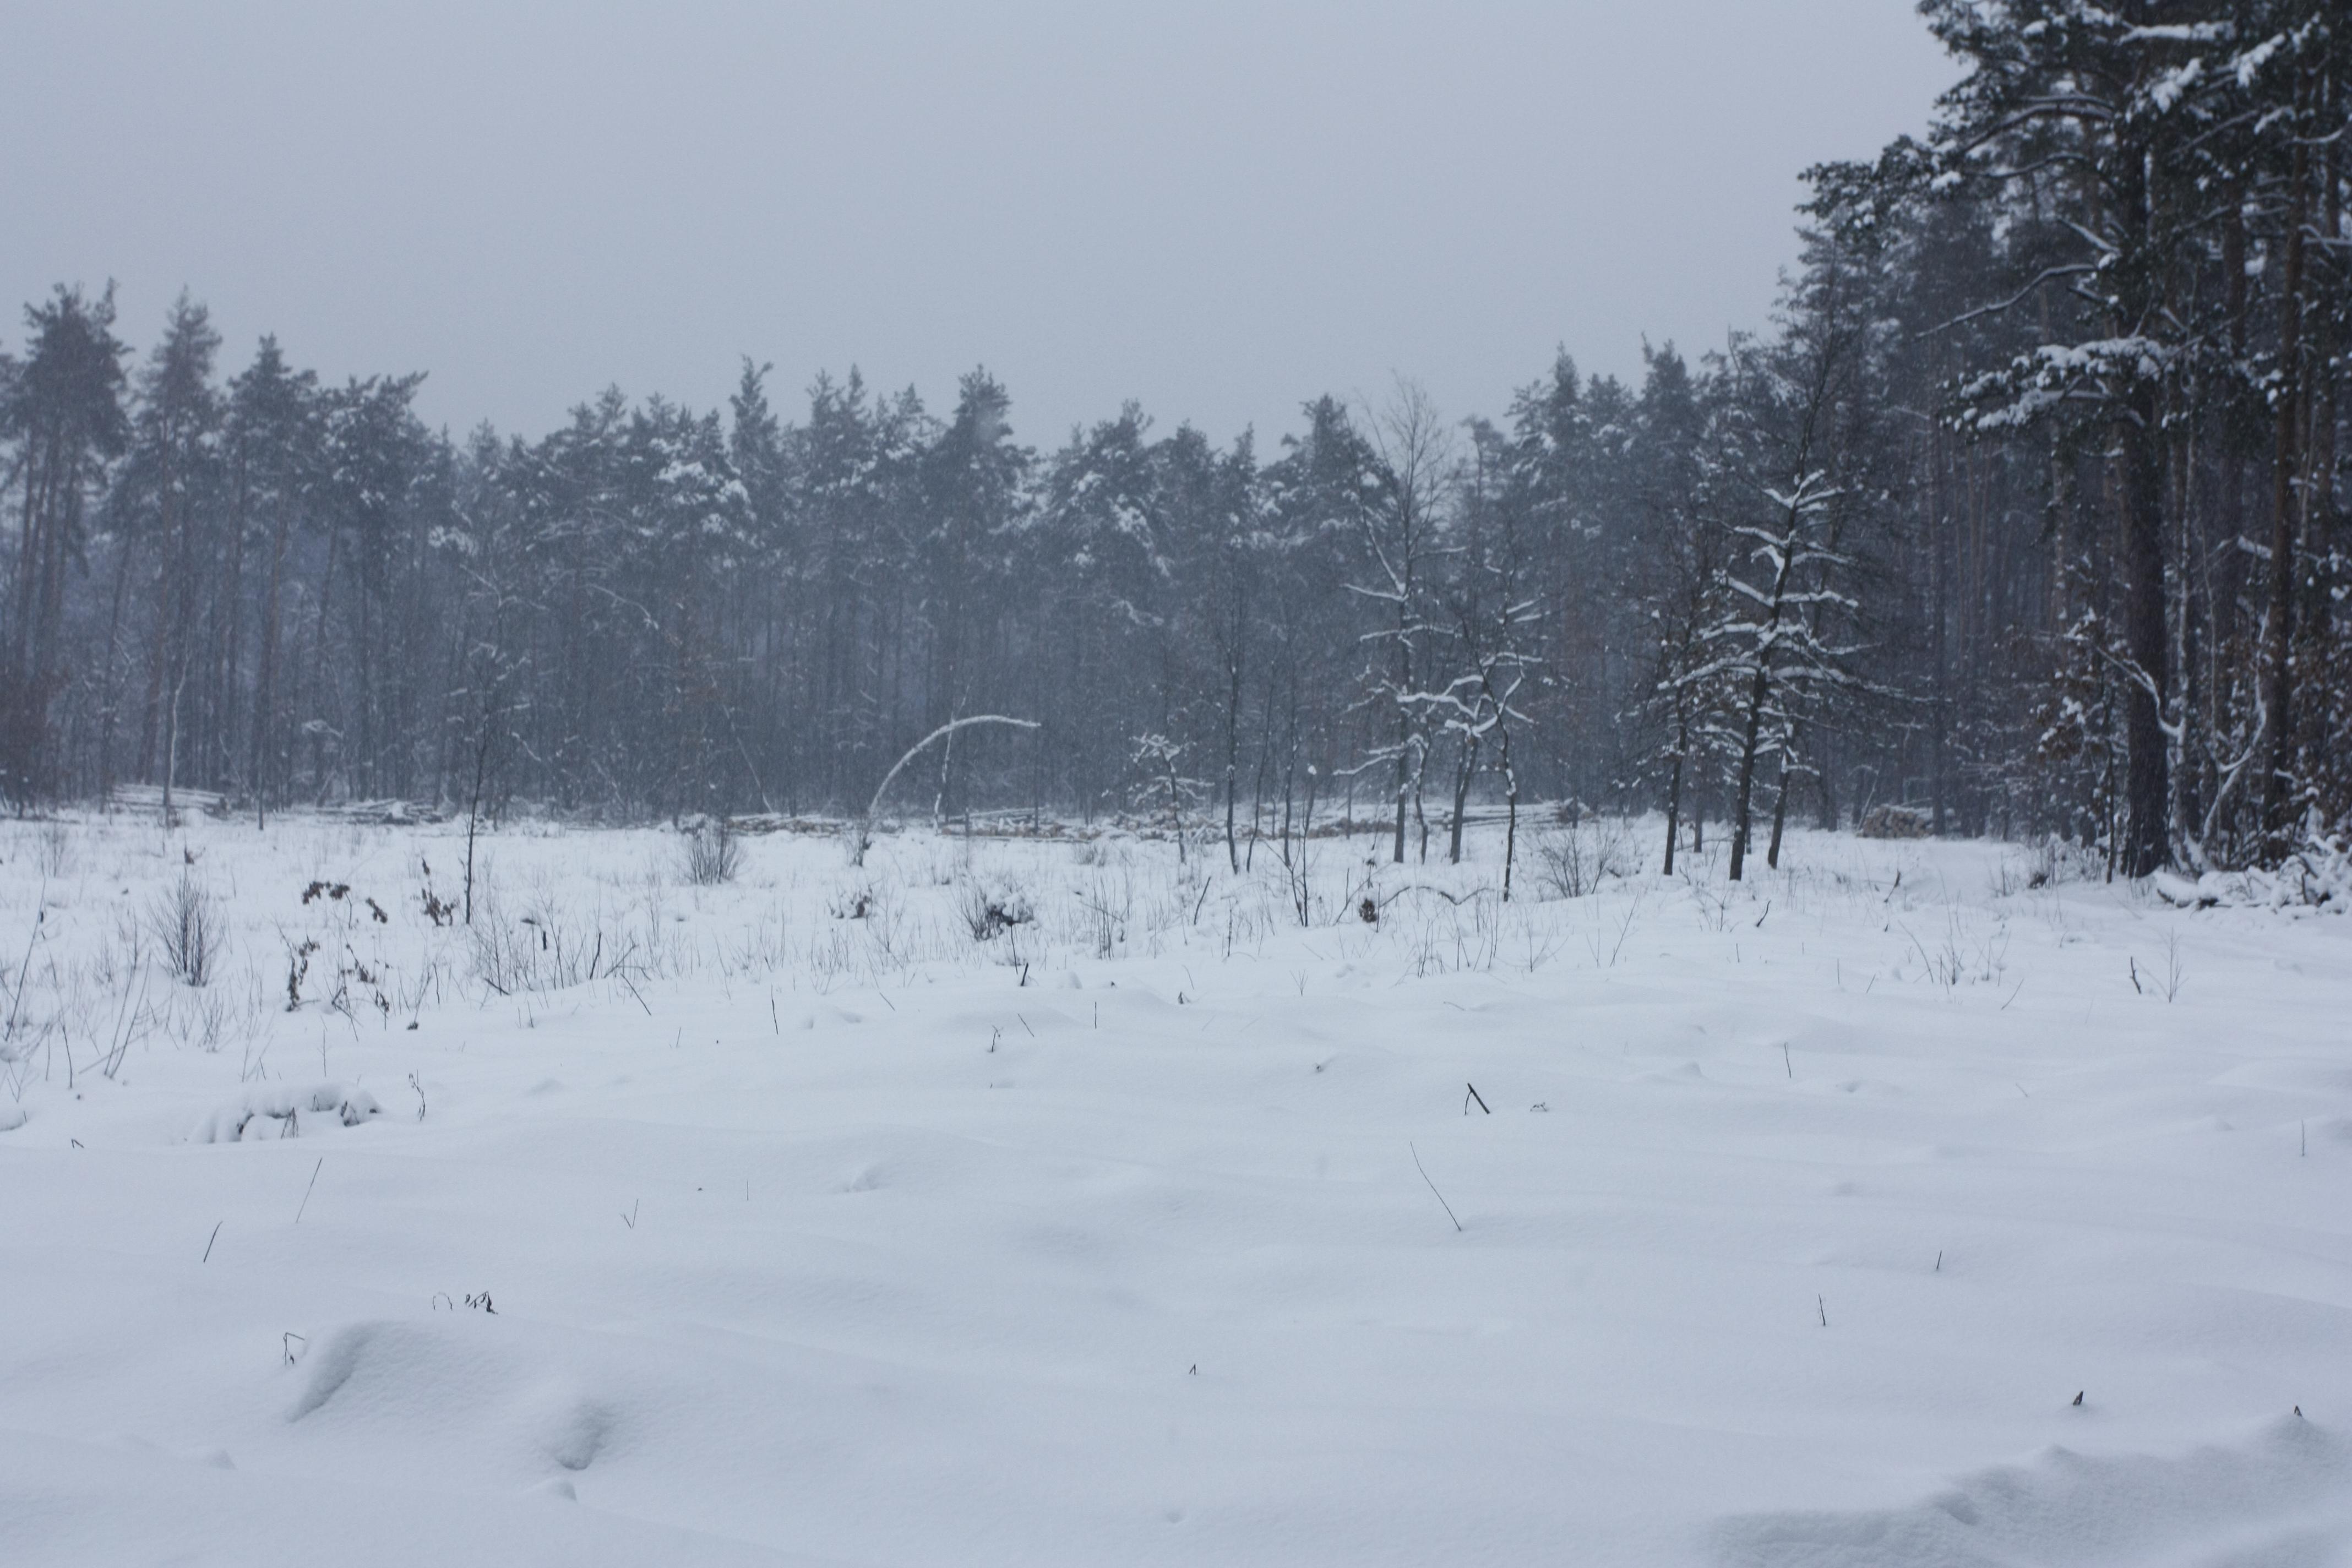 Ділянка Броварського лісу, вирублена у липні 2010 року. Там де зараз сніг — раніше був ліс. Фото: The Epoch Times Україна